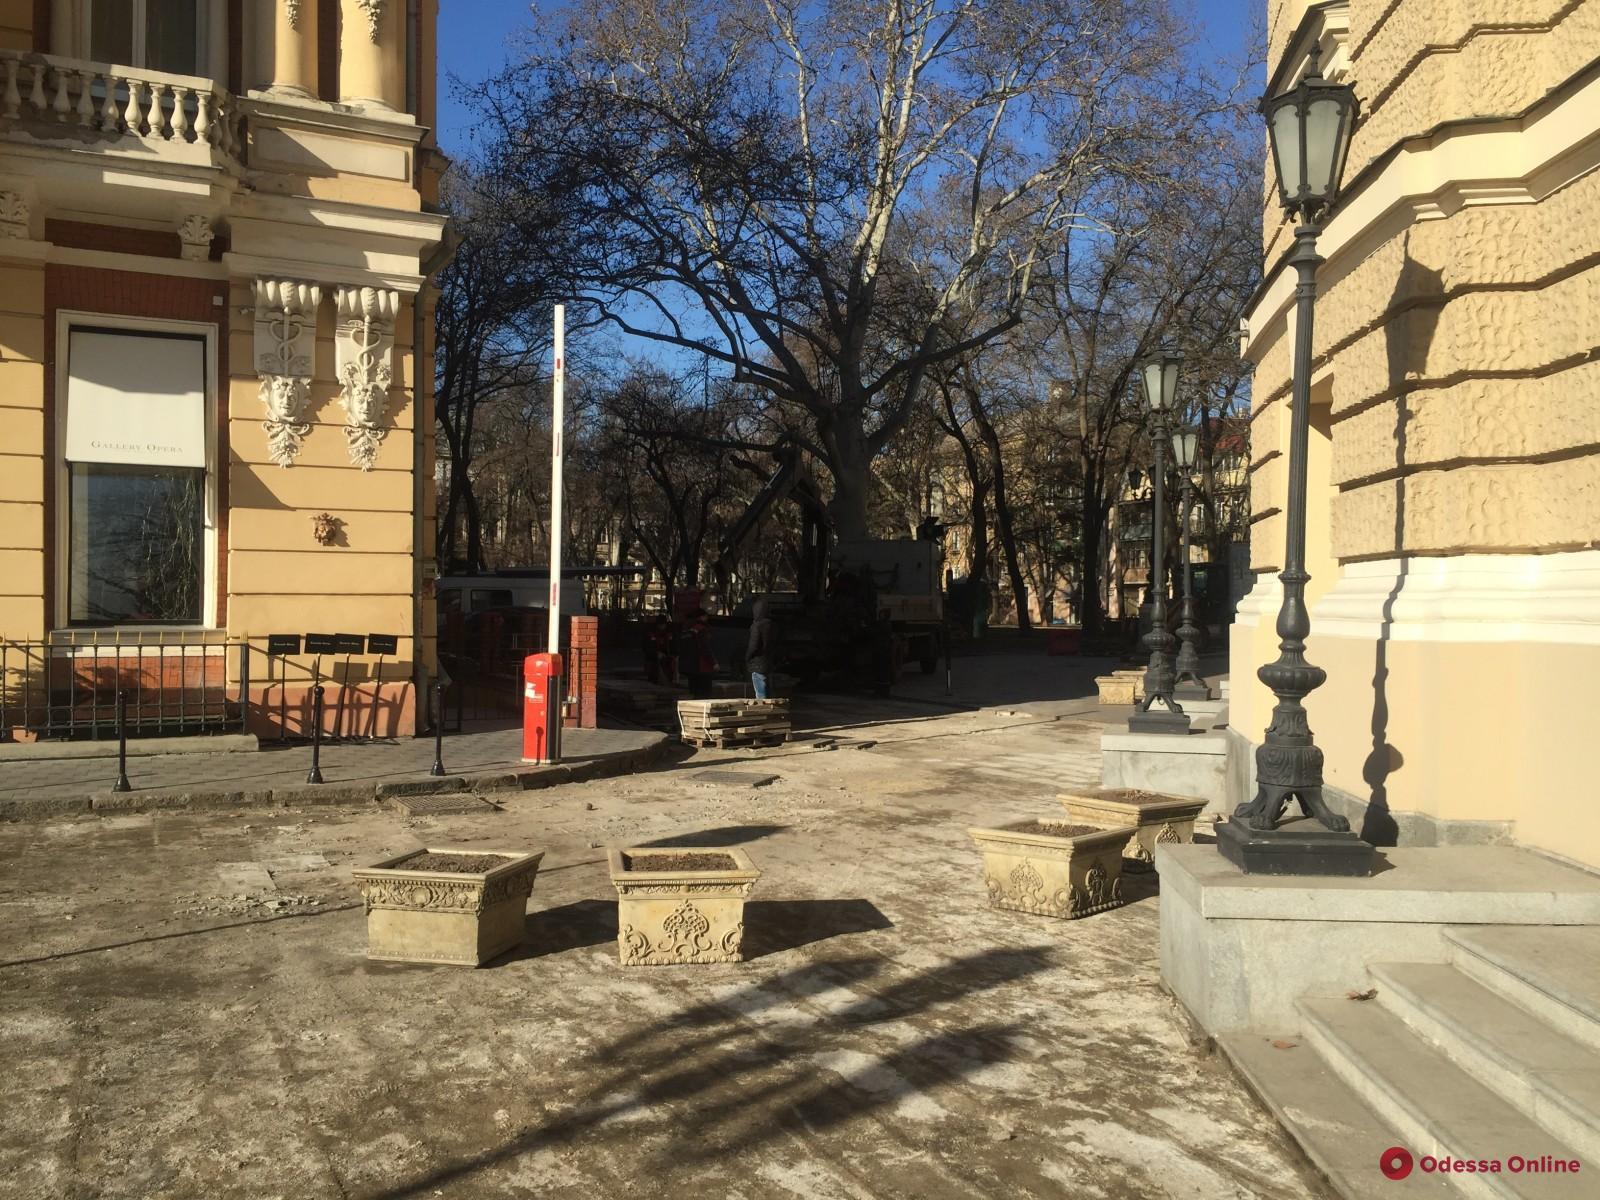 Возле Одесского оперного театра капитально ремонтируют плиточное покрытие (фото)